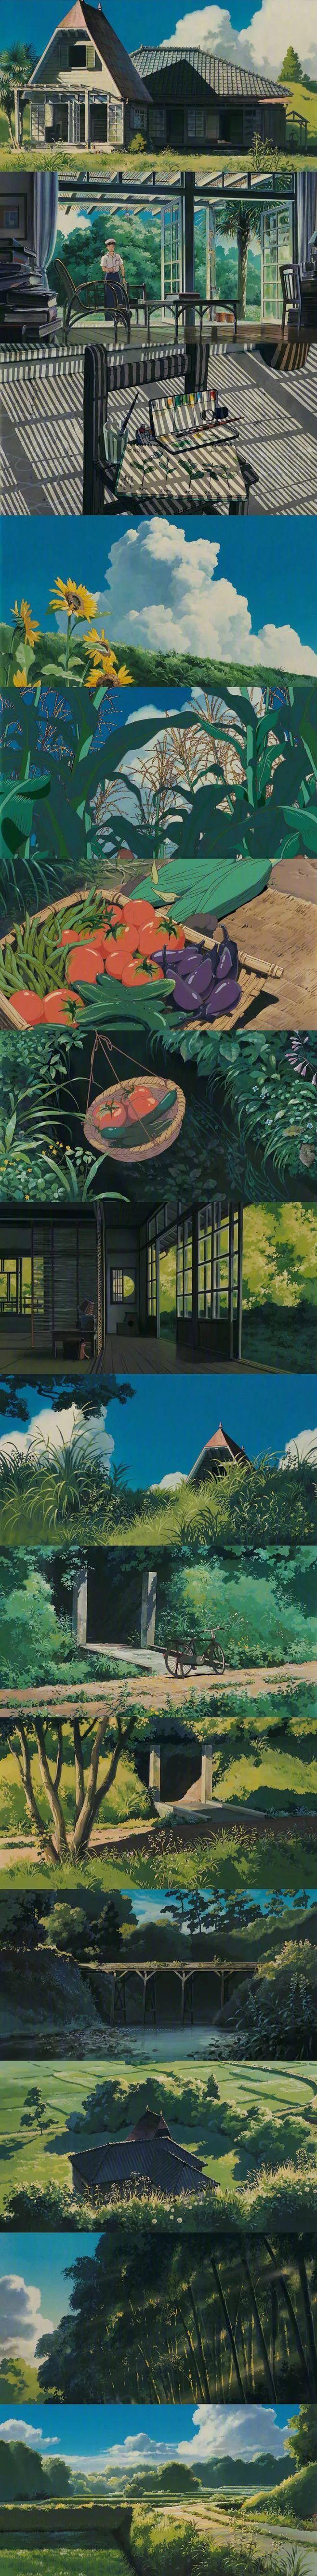 宫崎骏的动画世界 壁纸特辑,人间真有这些地方就好了!_图片 No.5